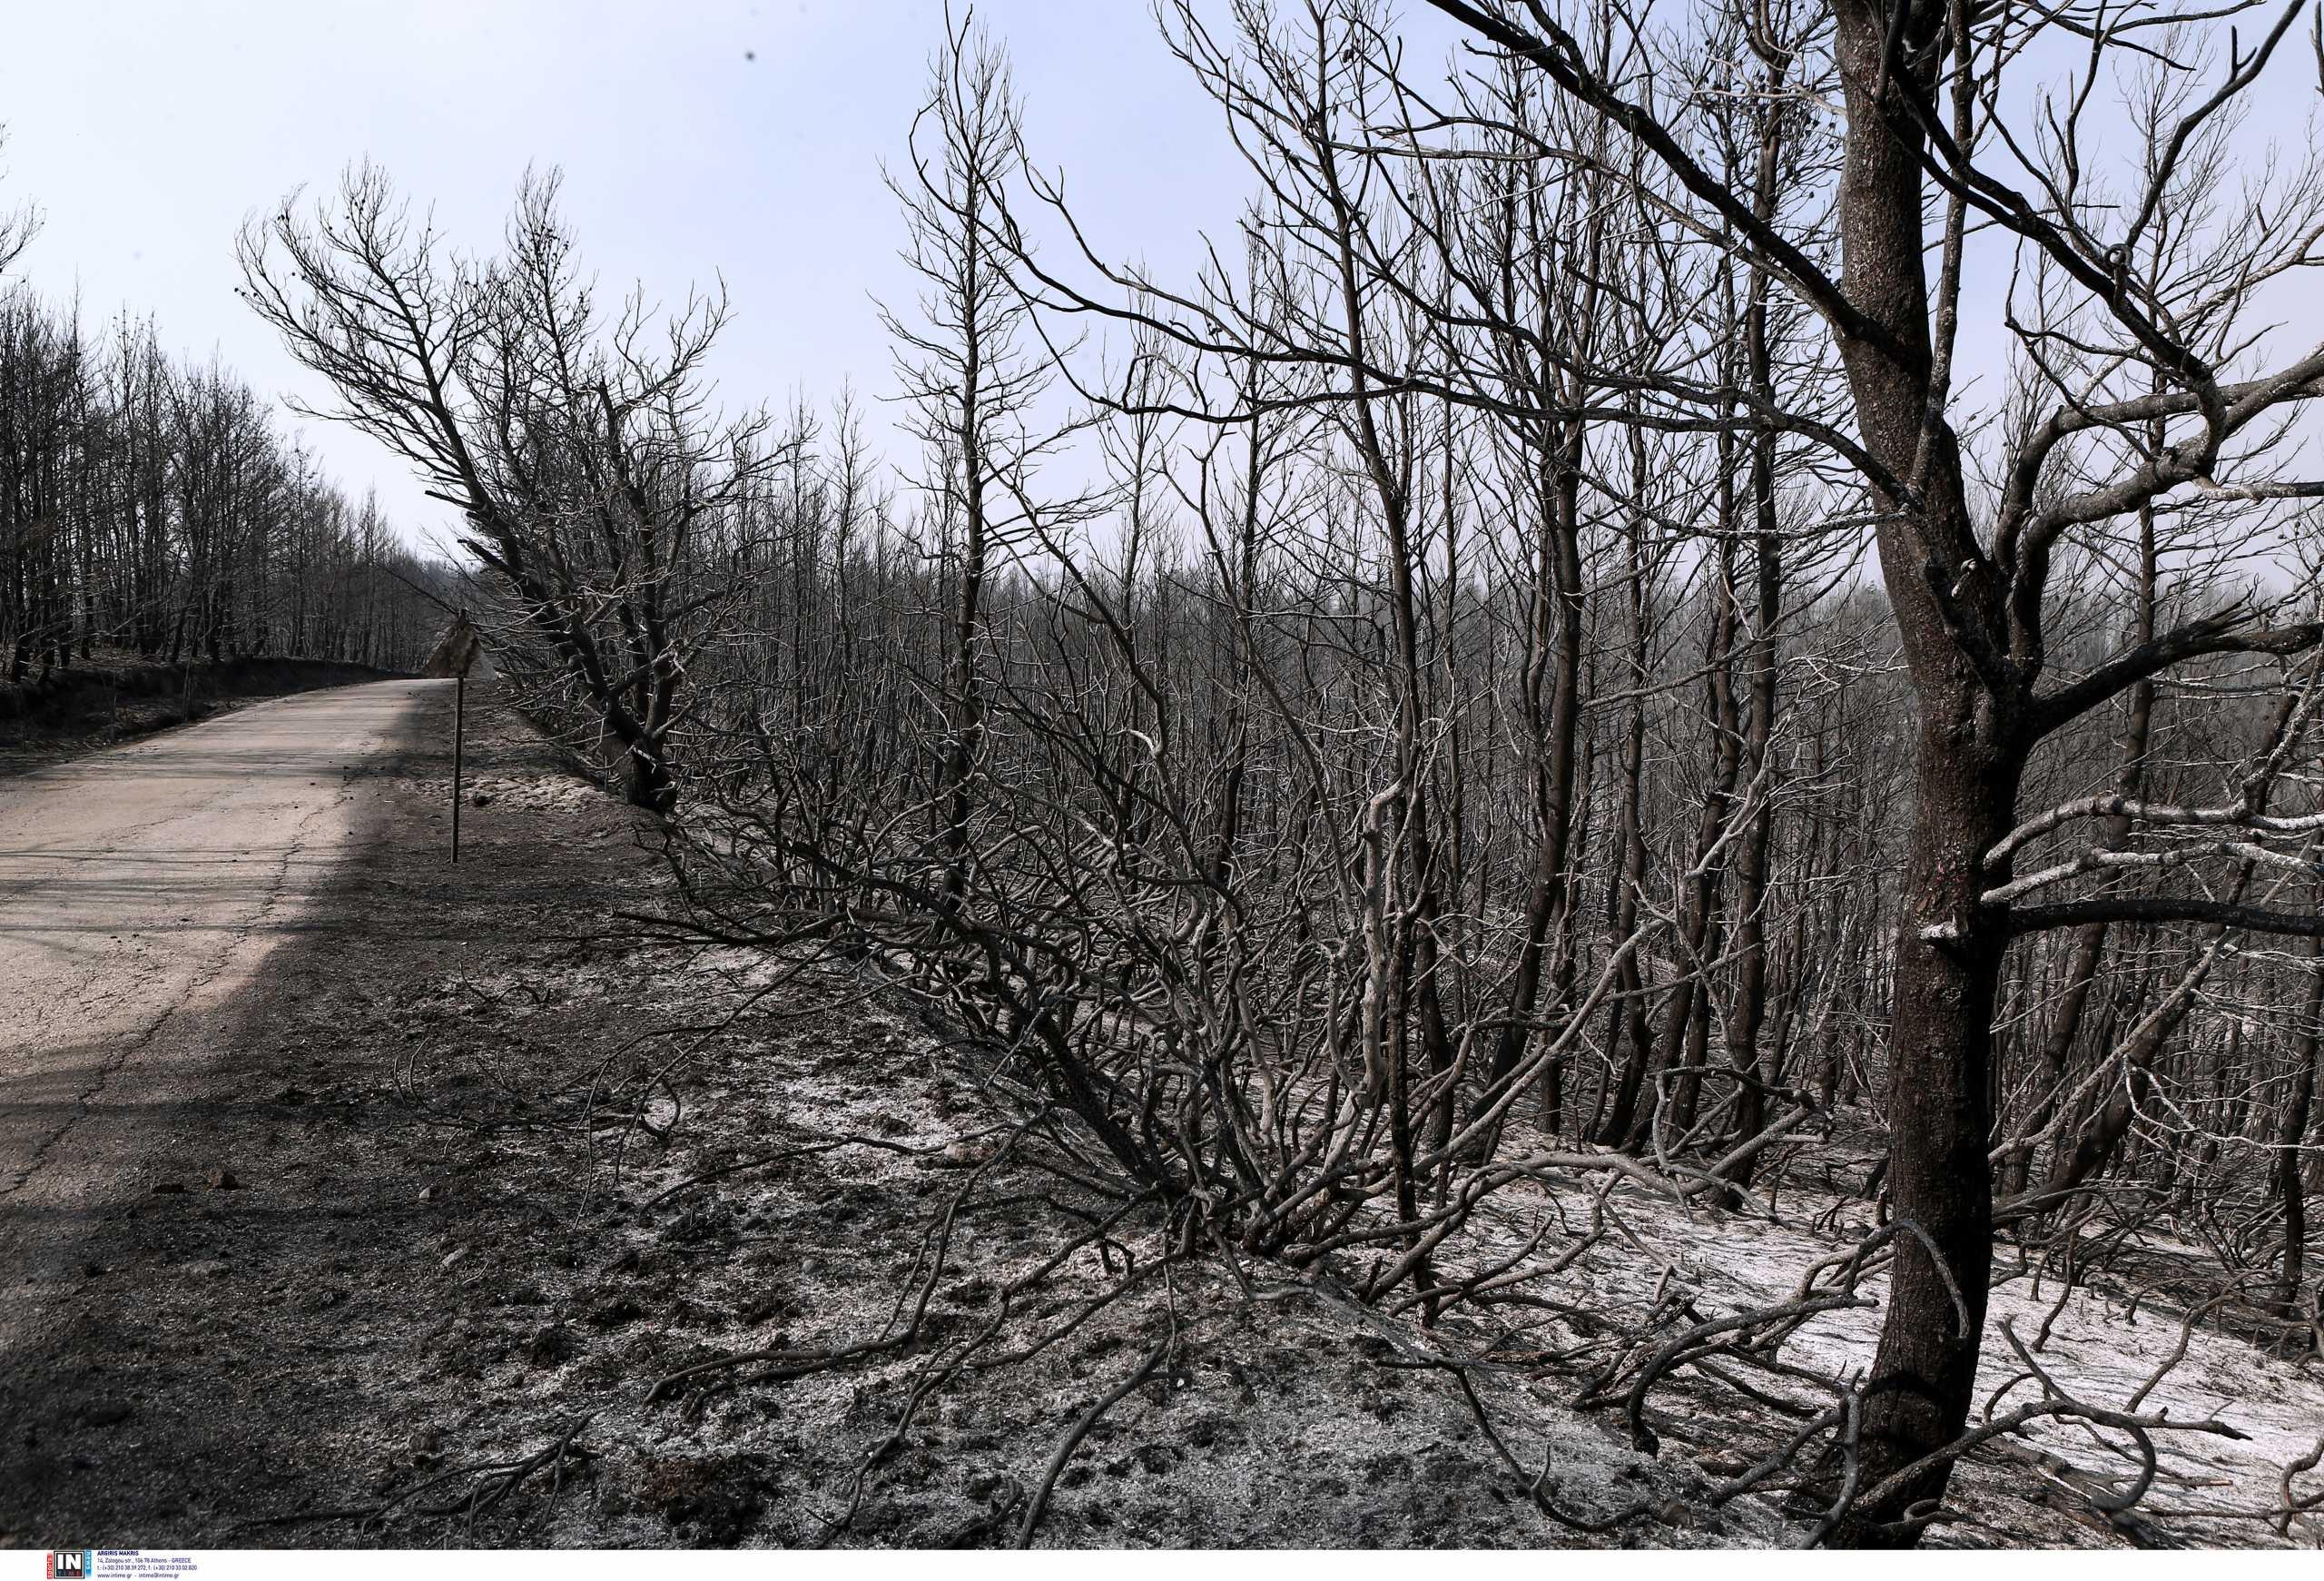 Φωτιές: Περισσότερα από ένα εκατομμύριο στρέμματα κάηκαν μέσα σε δύο εβδομάδες